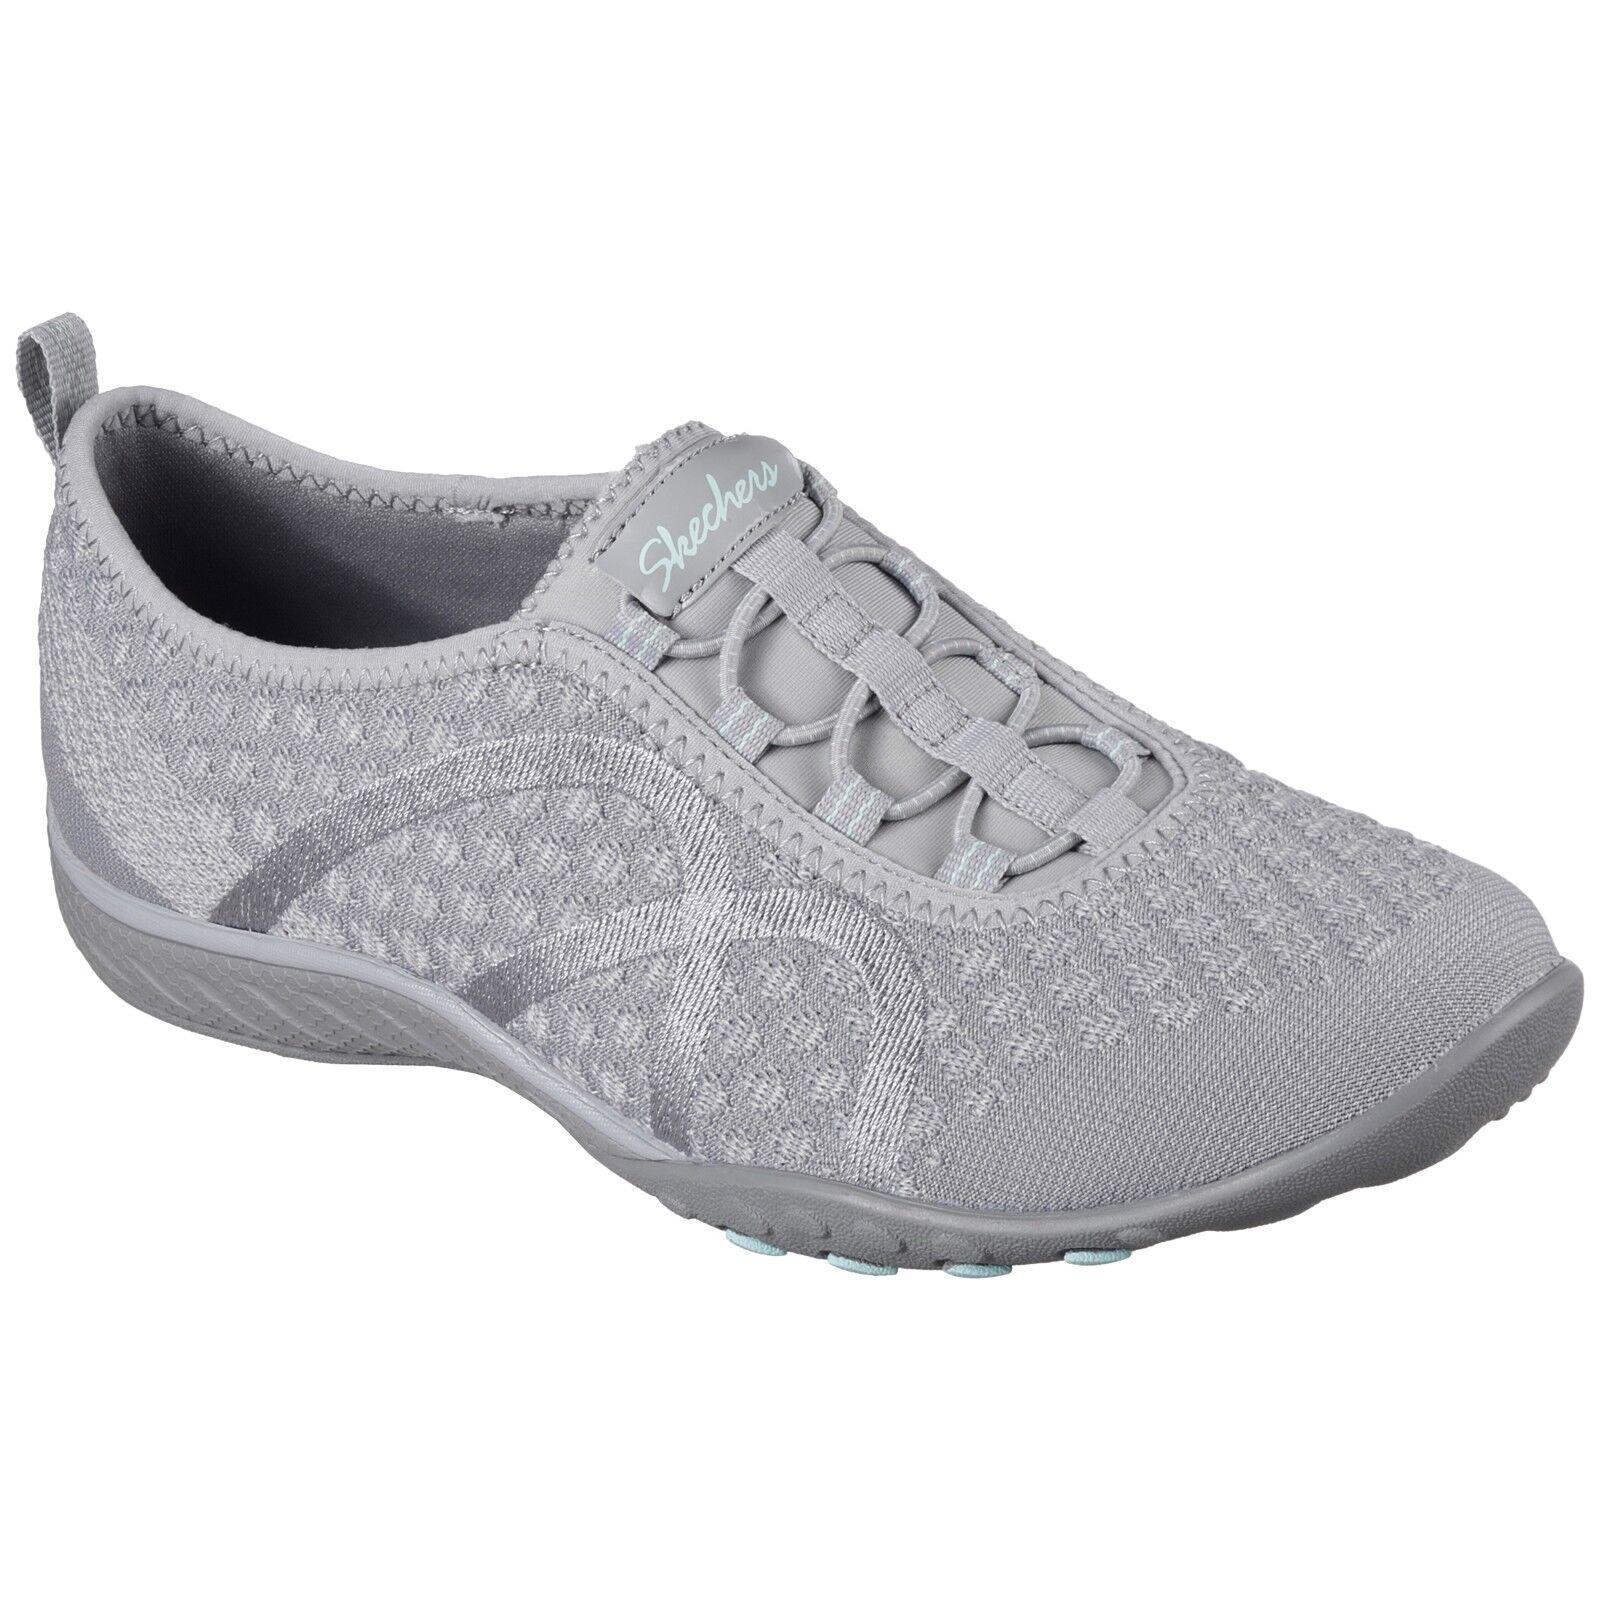 LADIES SKECHERS FORTUNEKNIT GRAY MEMORY FOAM SLIP ON Schuhe 23028/GRY